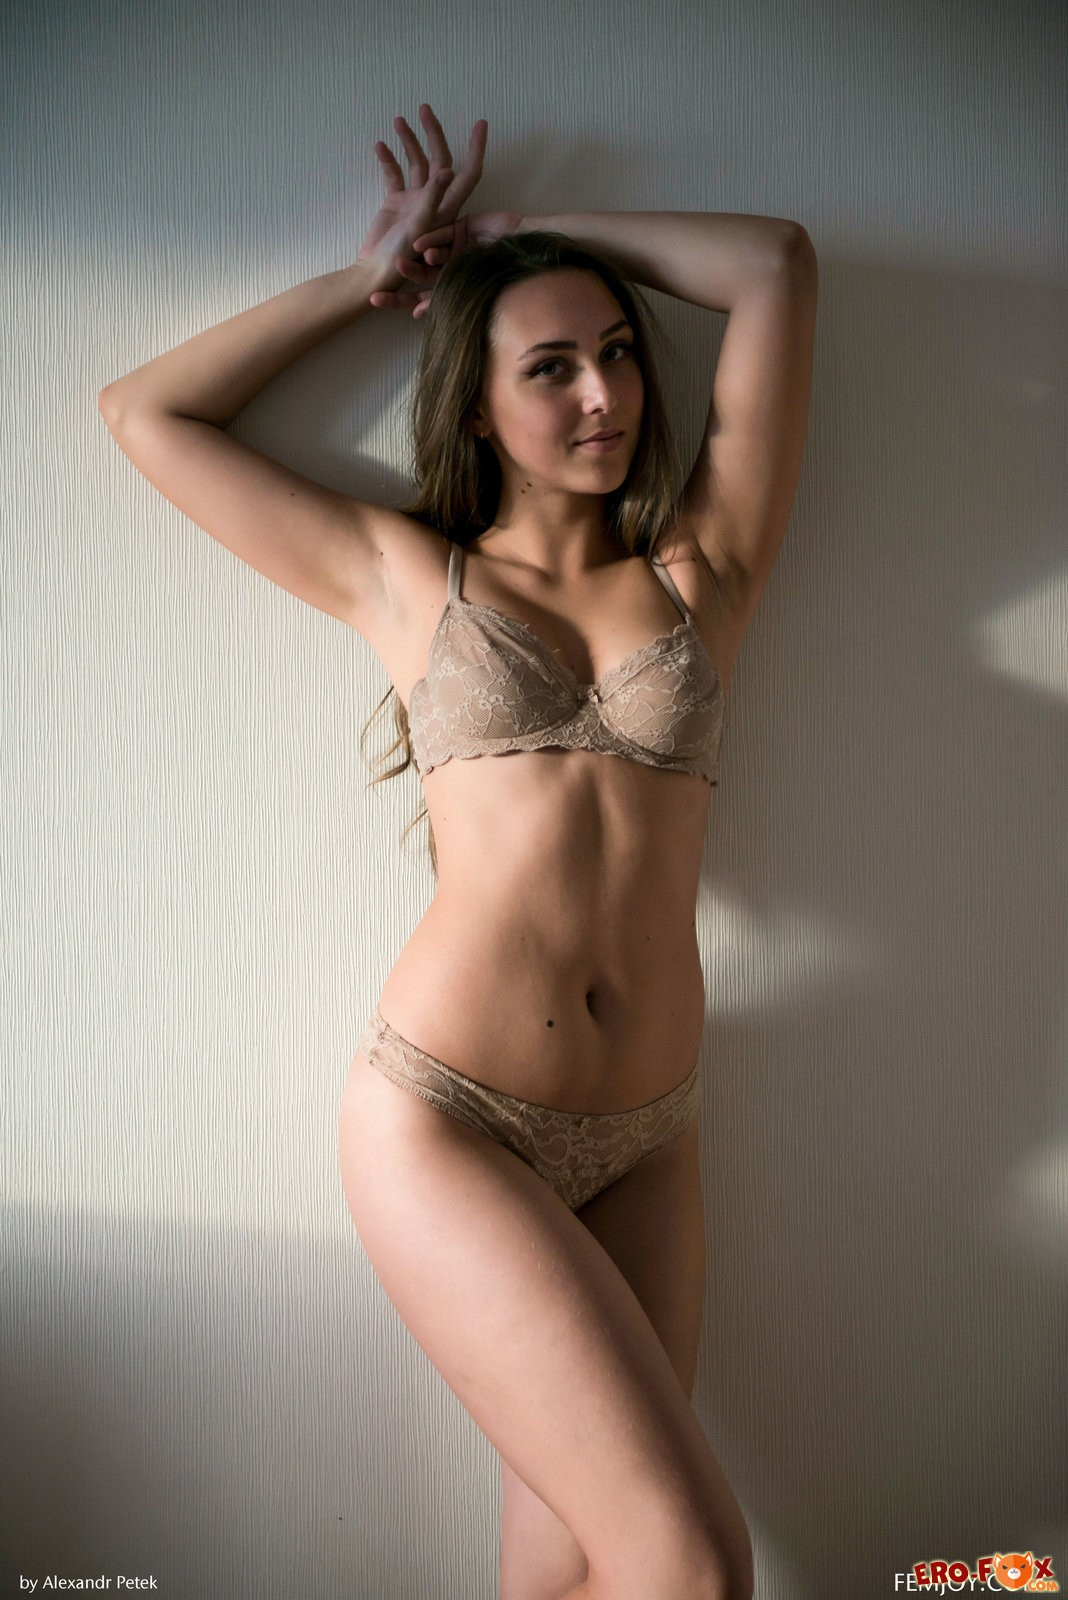 Аппетитная голая девка сняла нижнее бельё